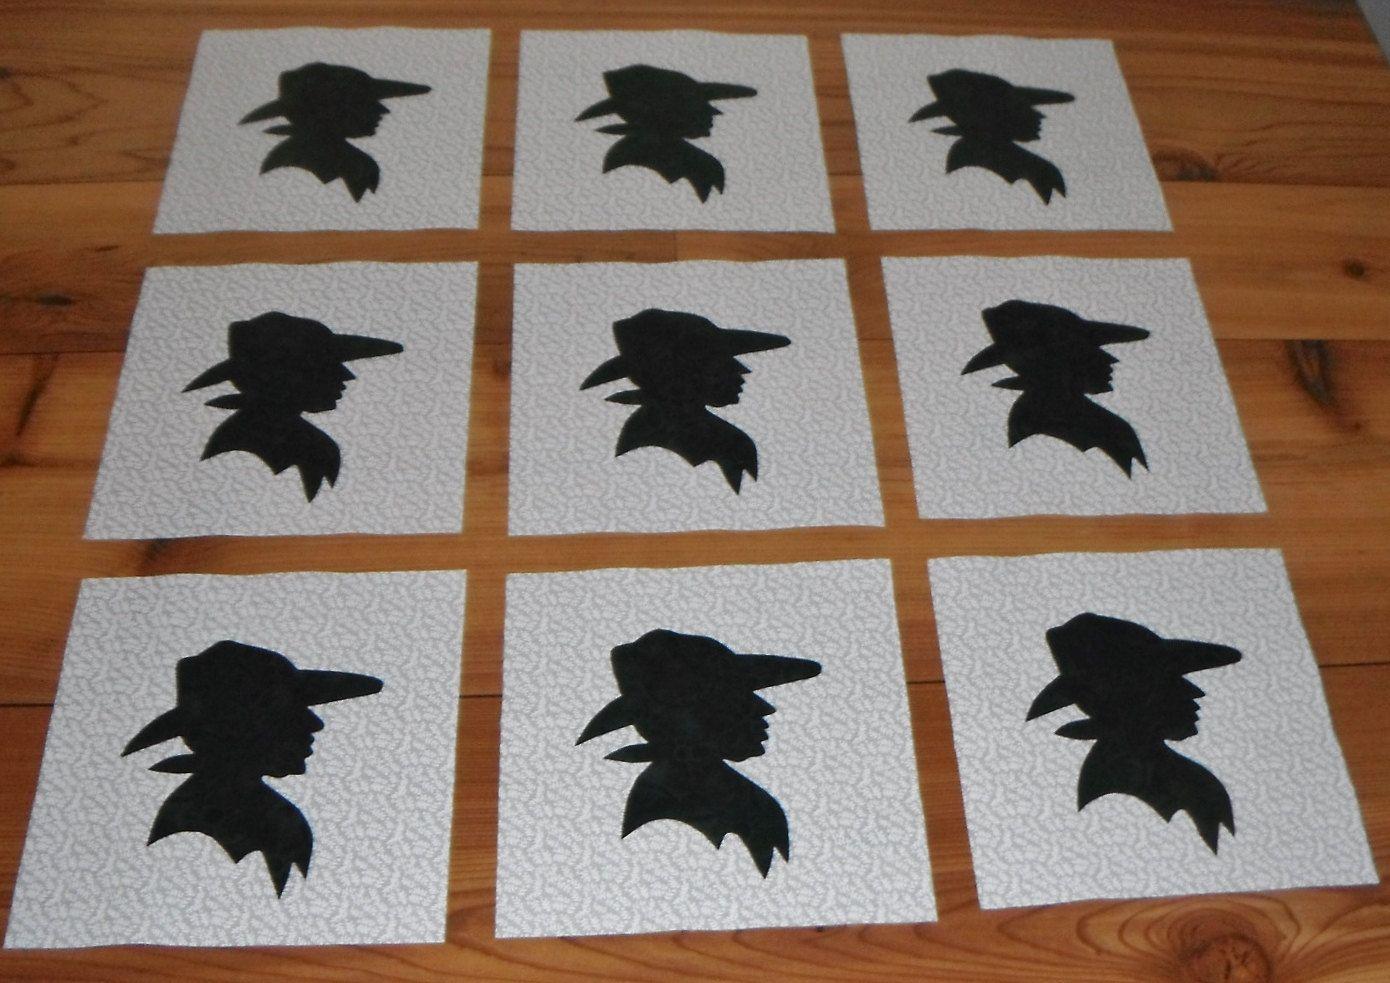 Set of 9 western cowboy silhouette applique quilt blocks. $11.95